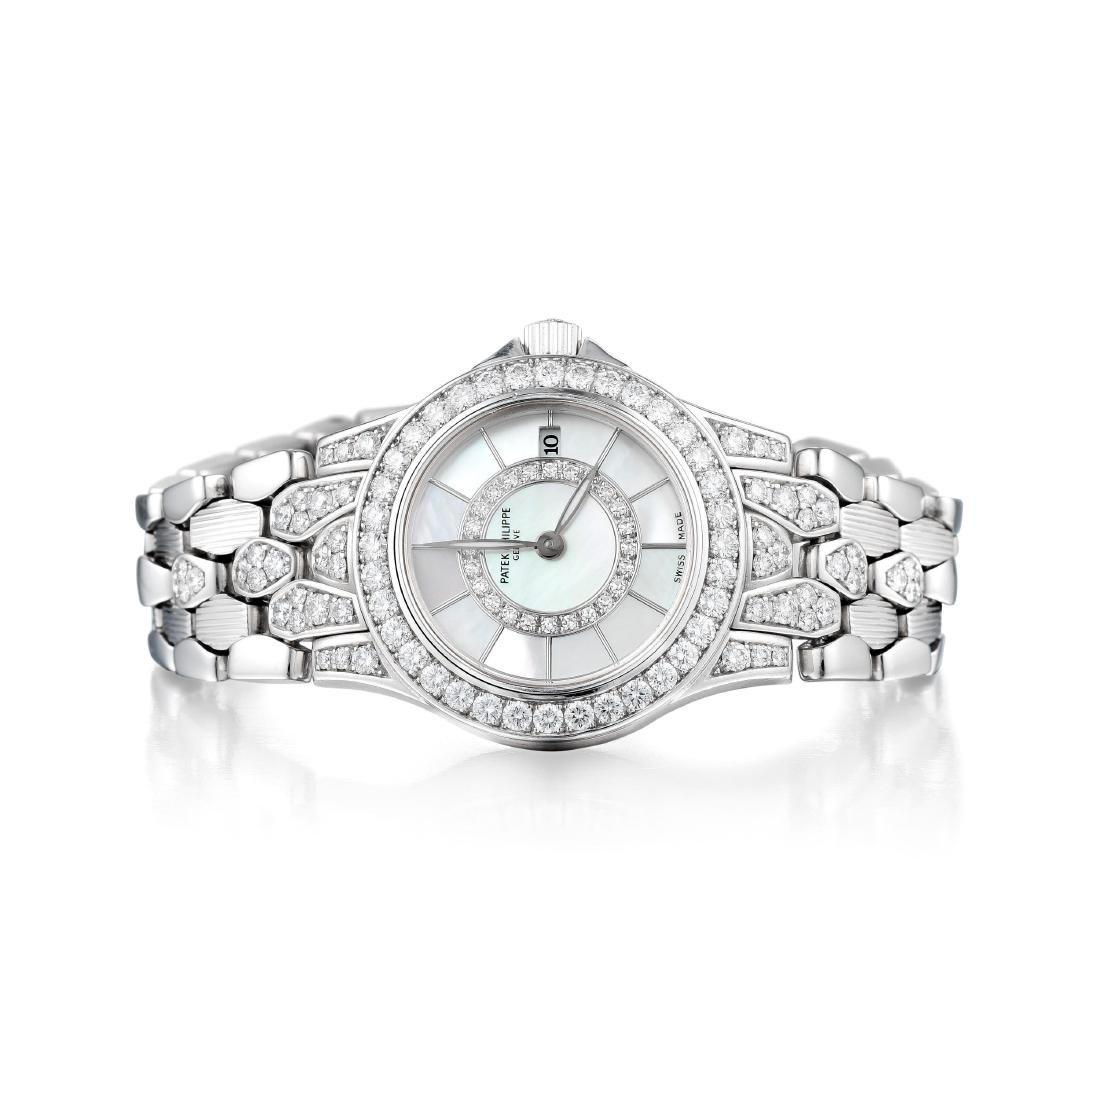 Patek Philippe Neptune Diamond White Gold Ladies Watch